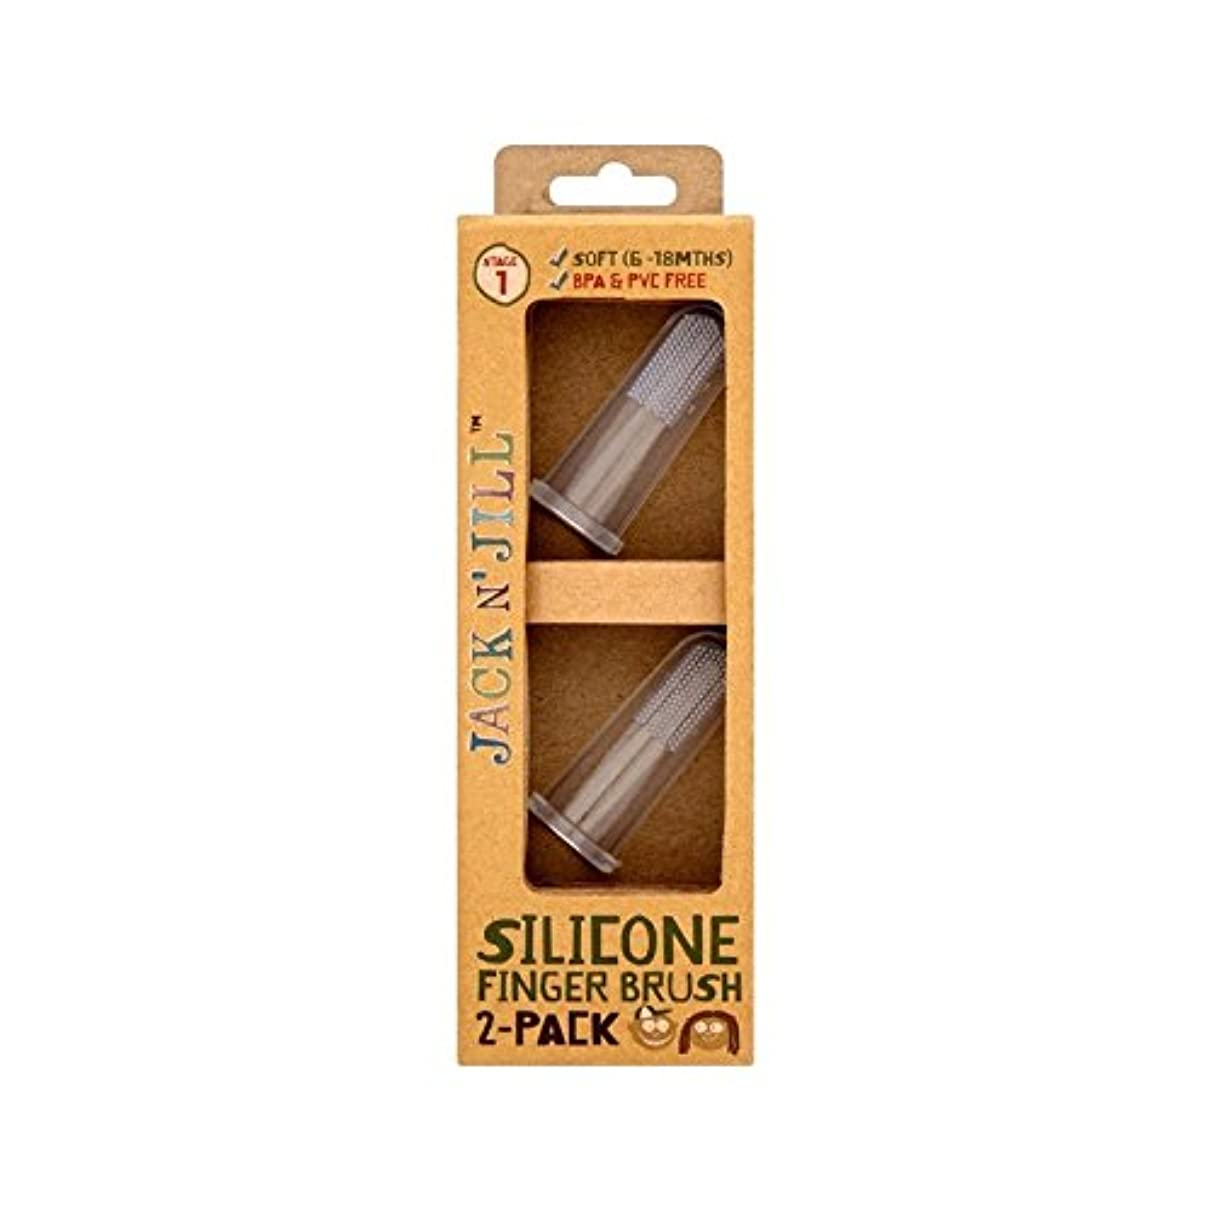 マトリックスドアミラー簿記係シリコーン指ブラシ2パックあたりパック2 (Jack N Jill) (x 2) - Jack N' Jill Silicone Finger Brush 2 Pack 2 per pack (Pack of 2) [並行輸入品]